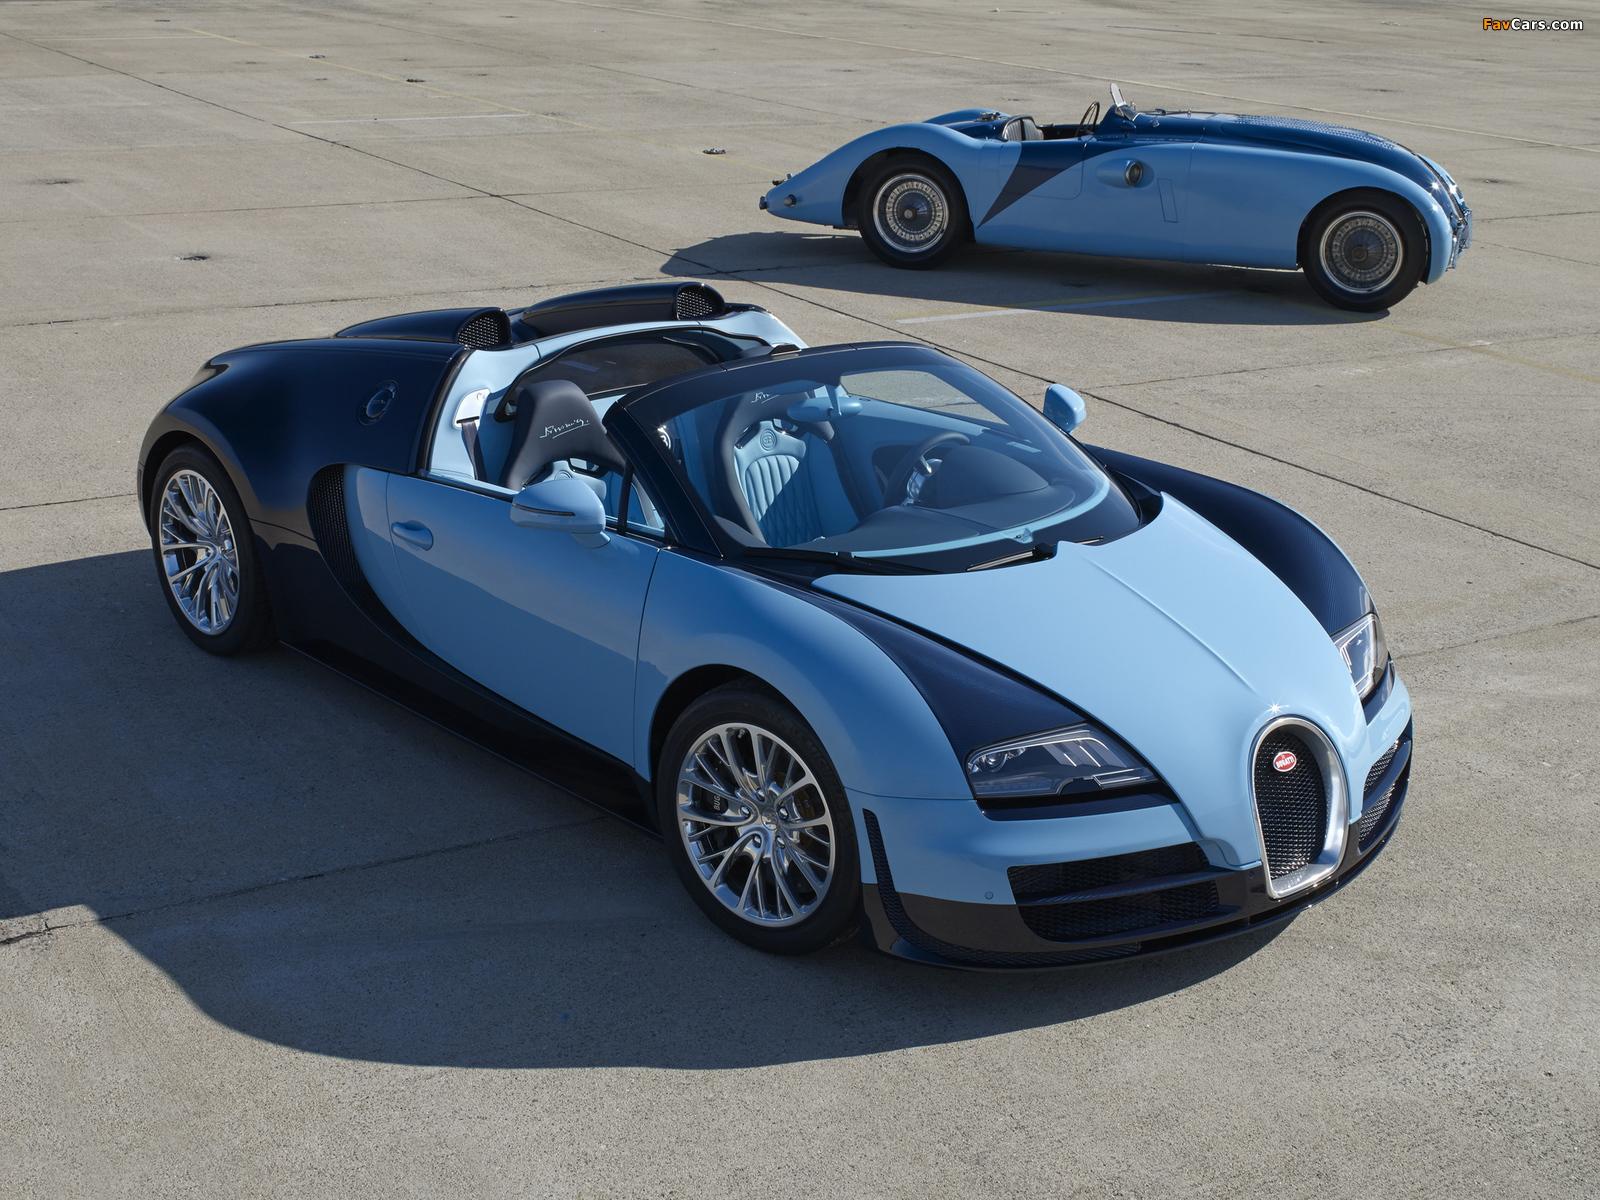 Bugatti images (1600 x 1200)